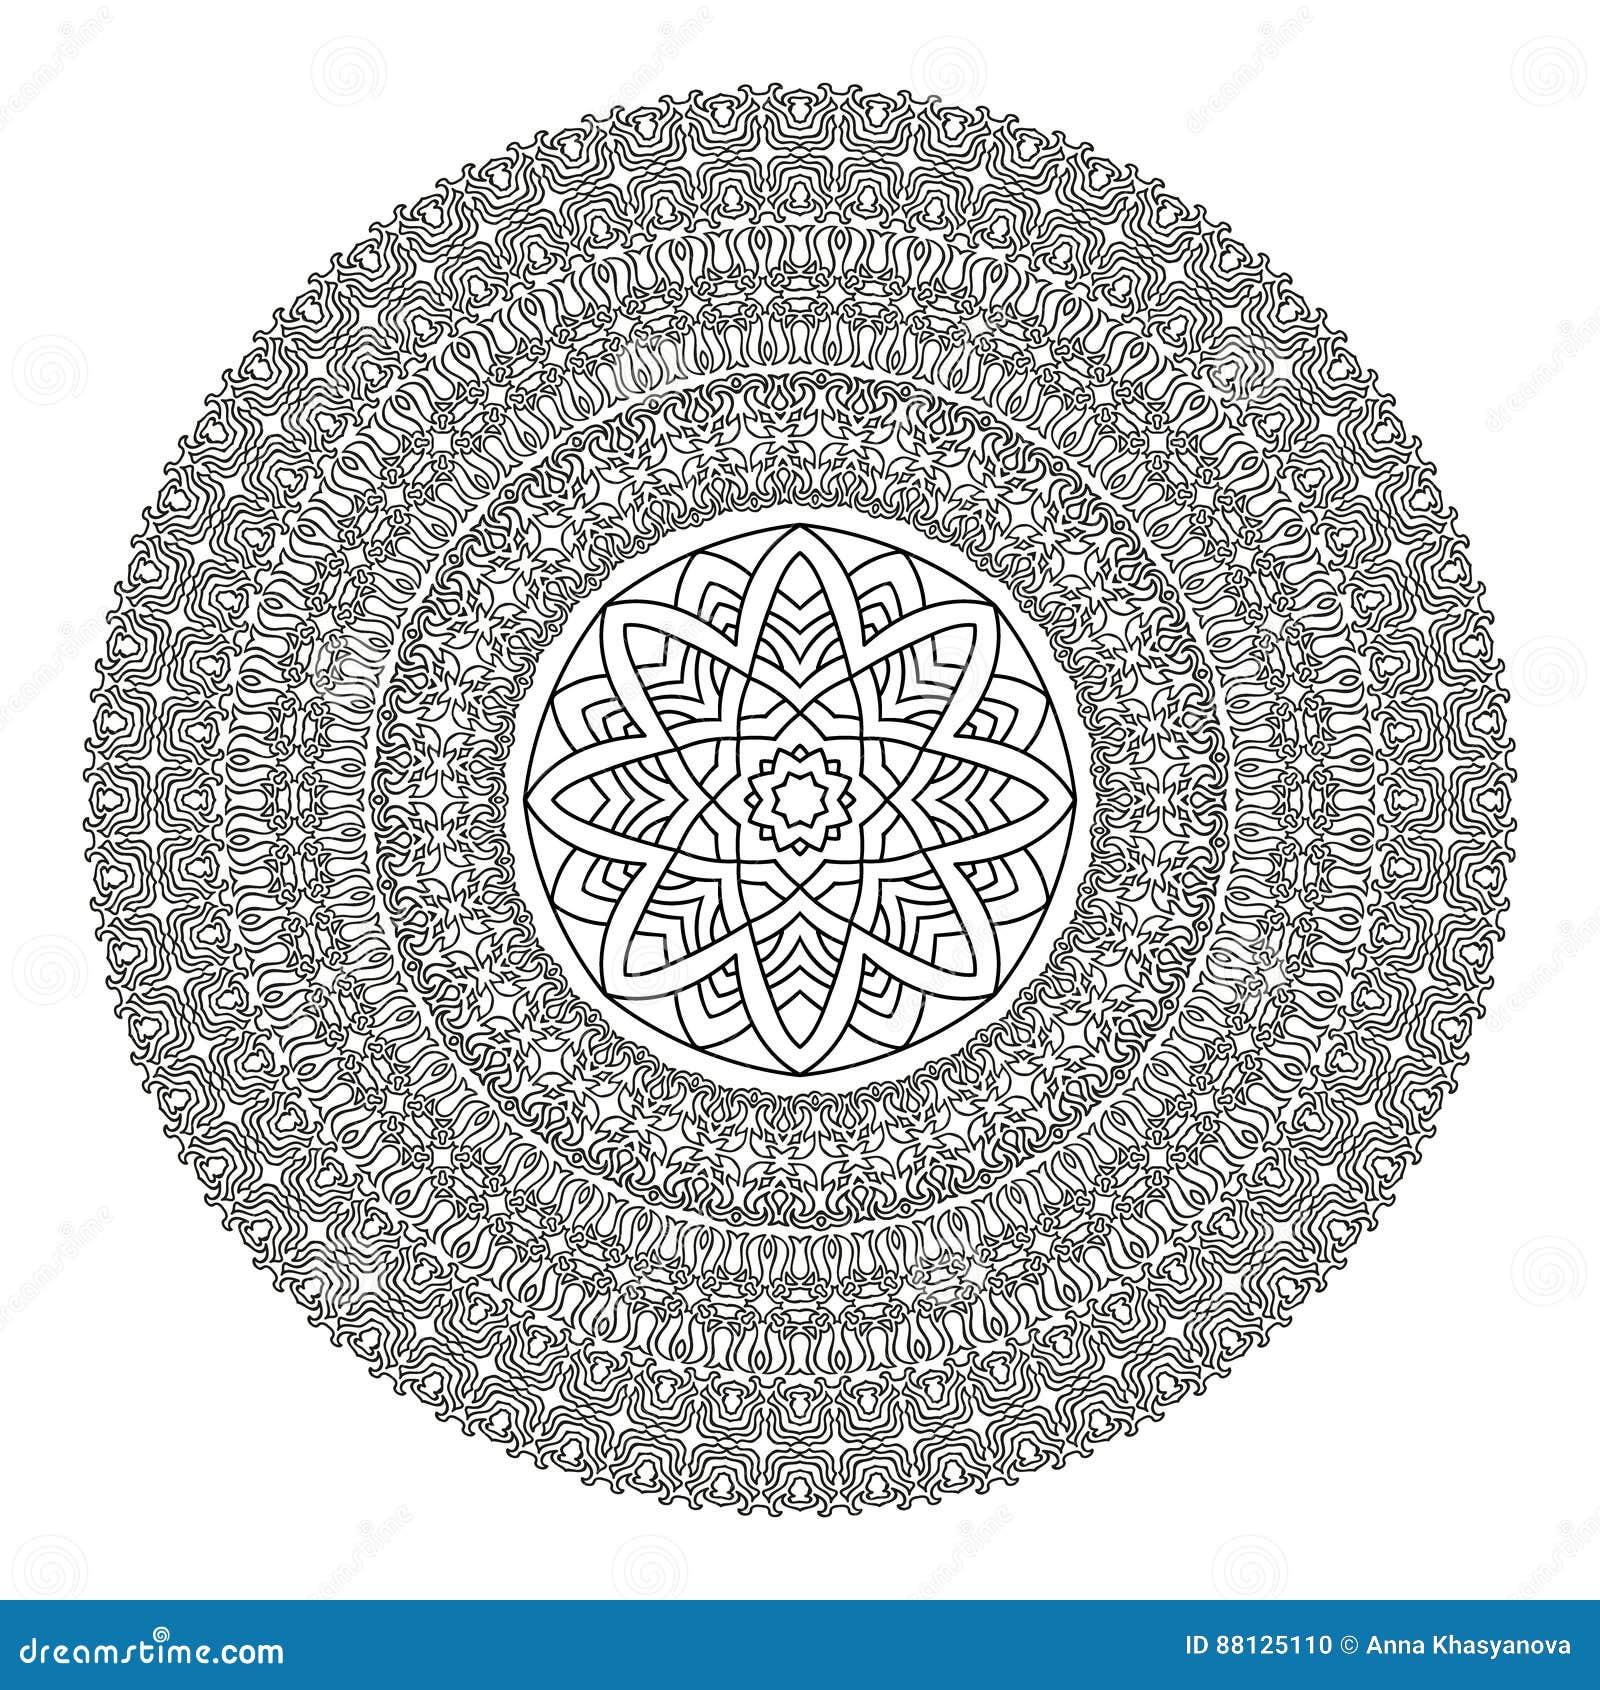 Modele Fleur Coloriage.Mandala De Fleur Pour Livre De Coloriage Modele Ethnique Noir Et